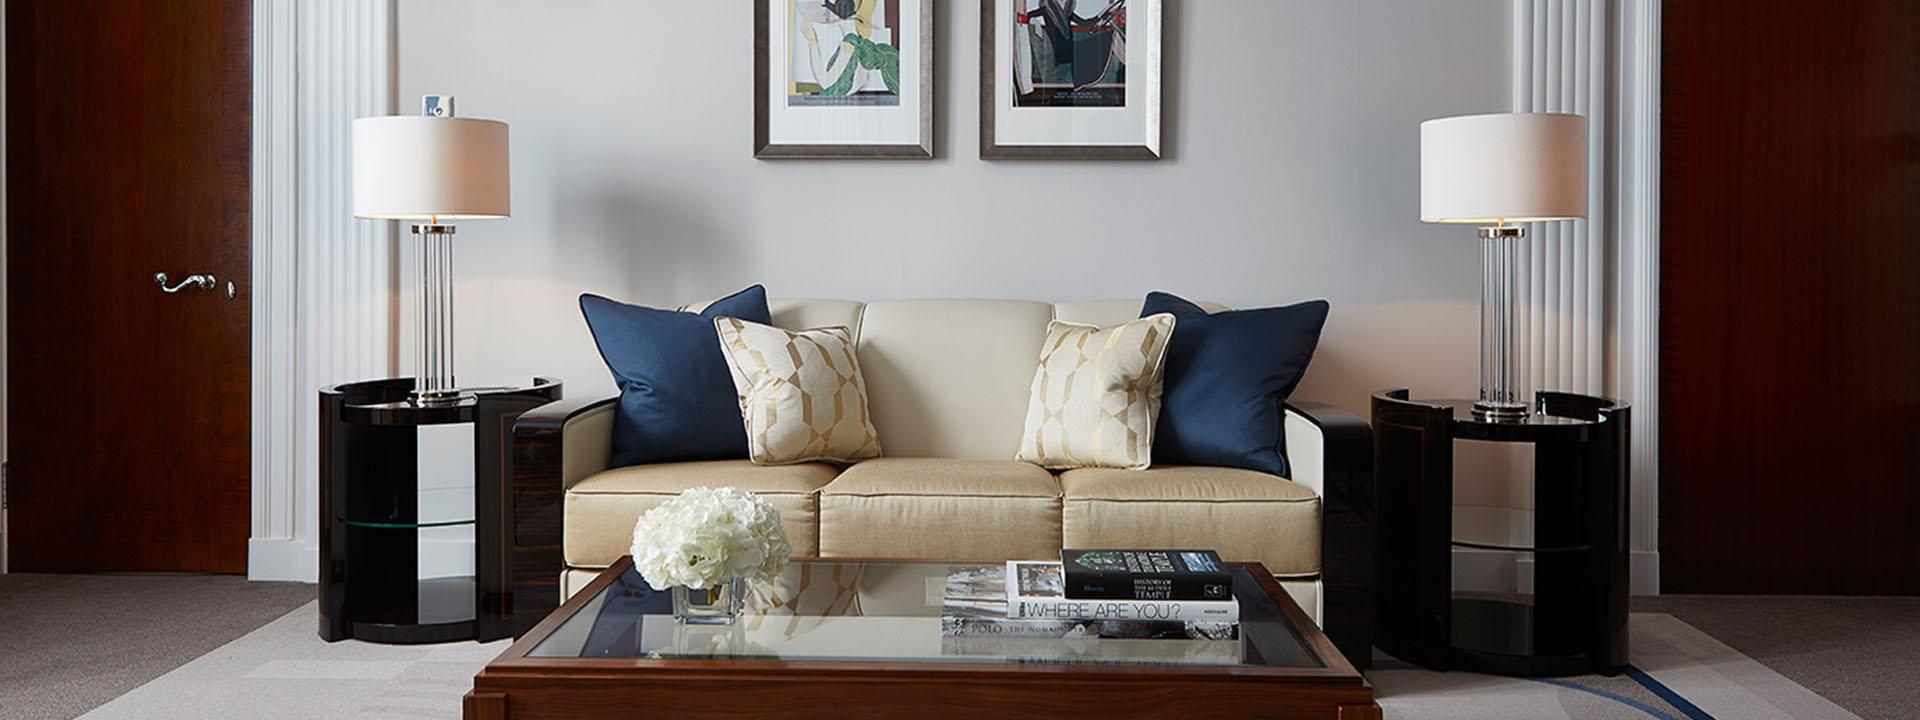 Mayfair Suite Living Room